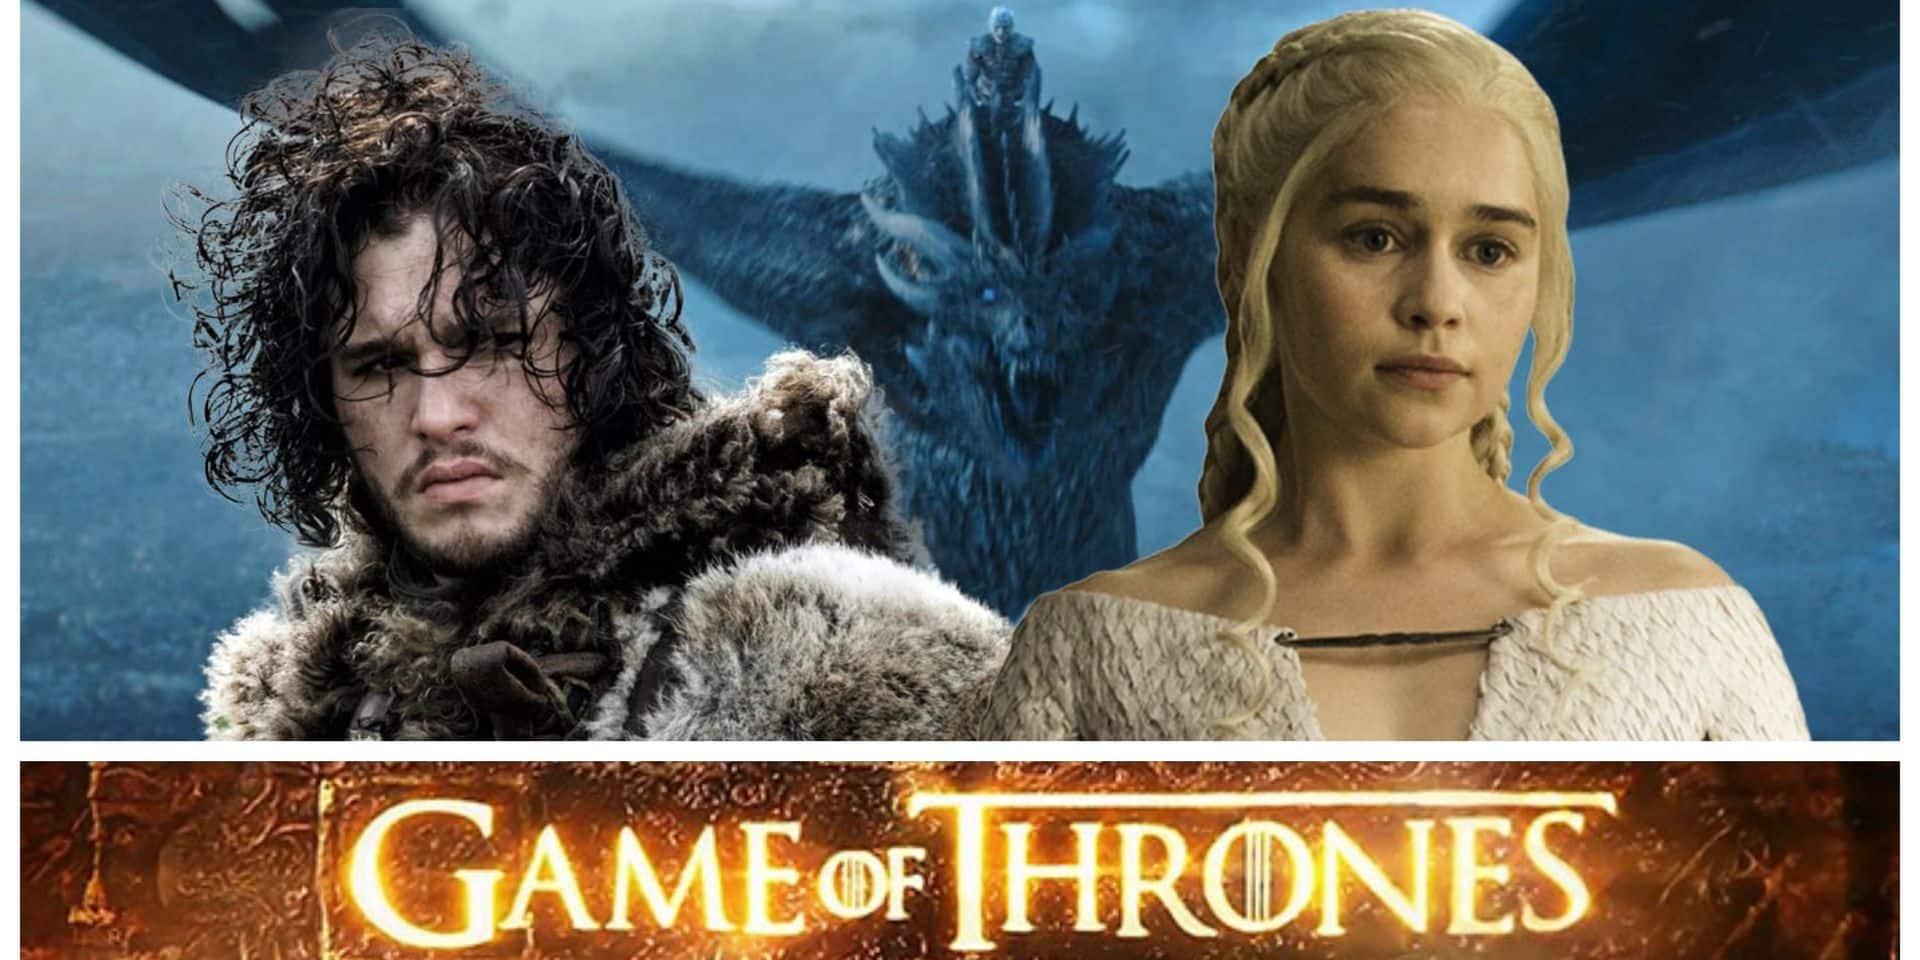 Game Of Thrones : ce dont il faut absolument se souvenir avant d'attaquer la saison 8